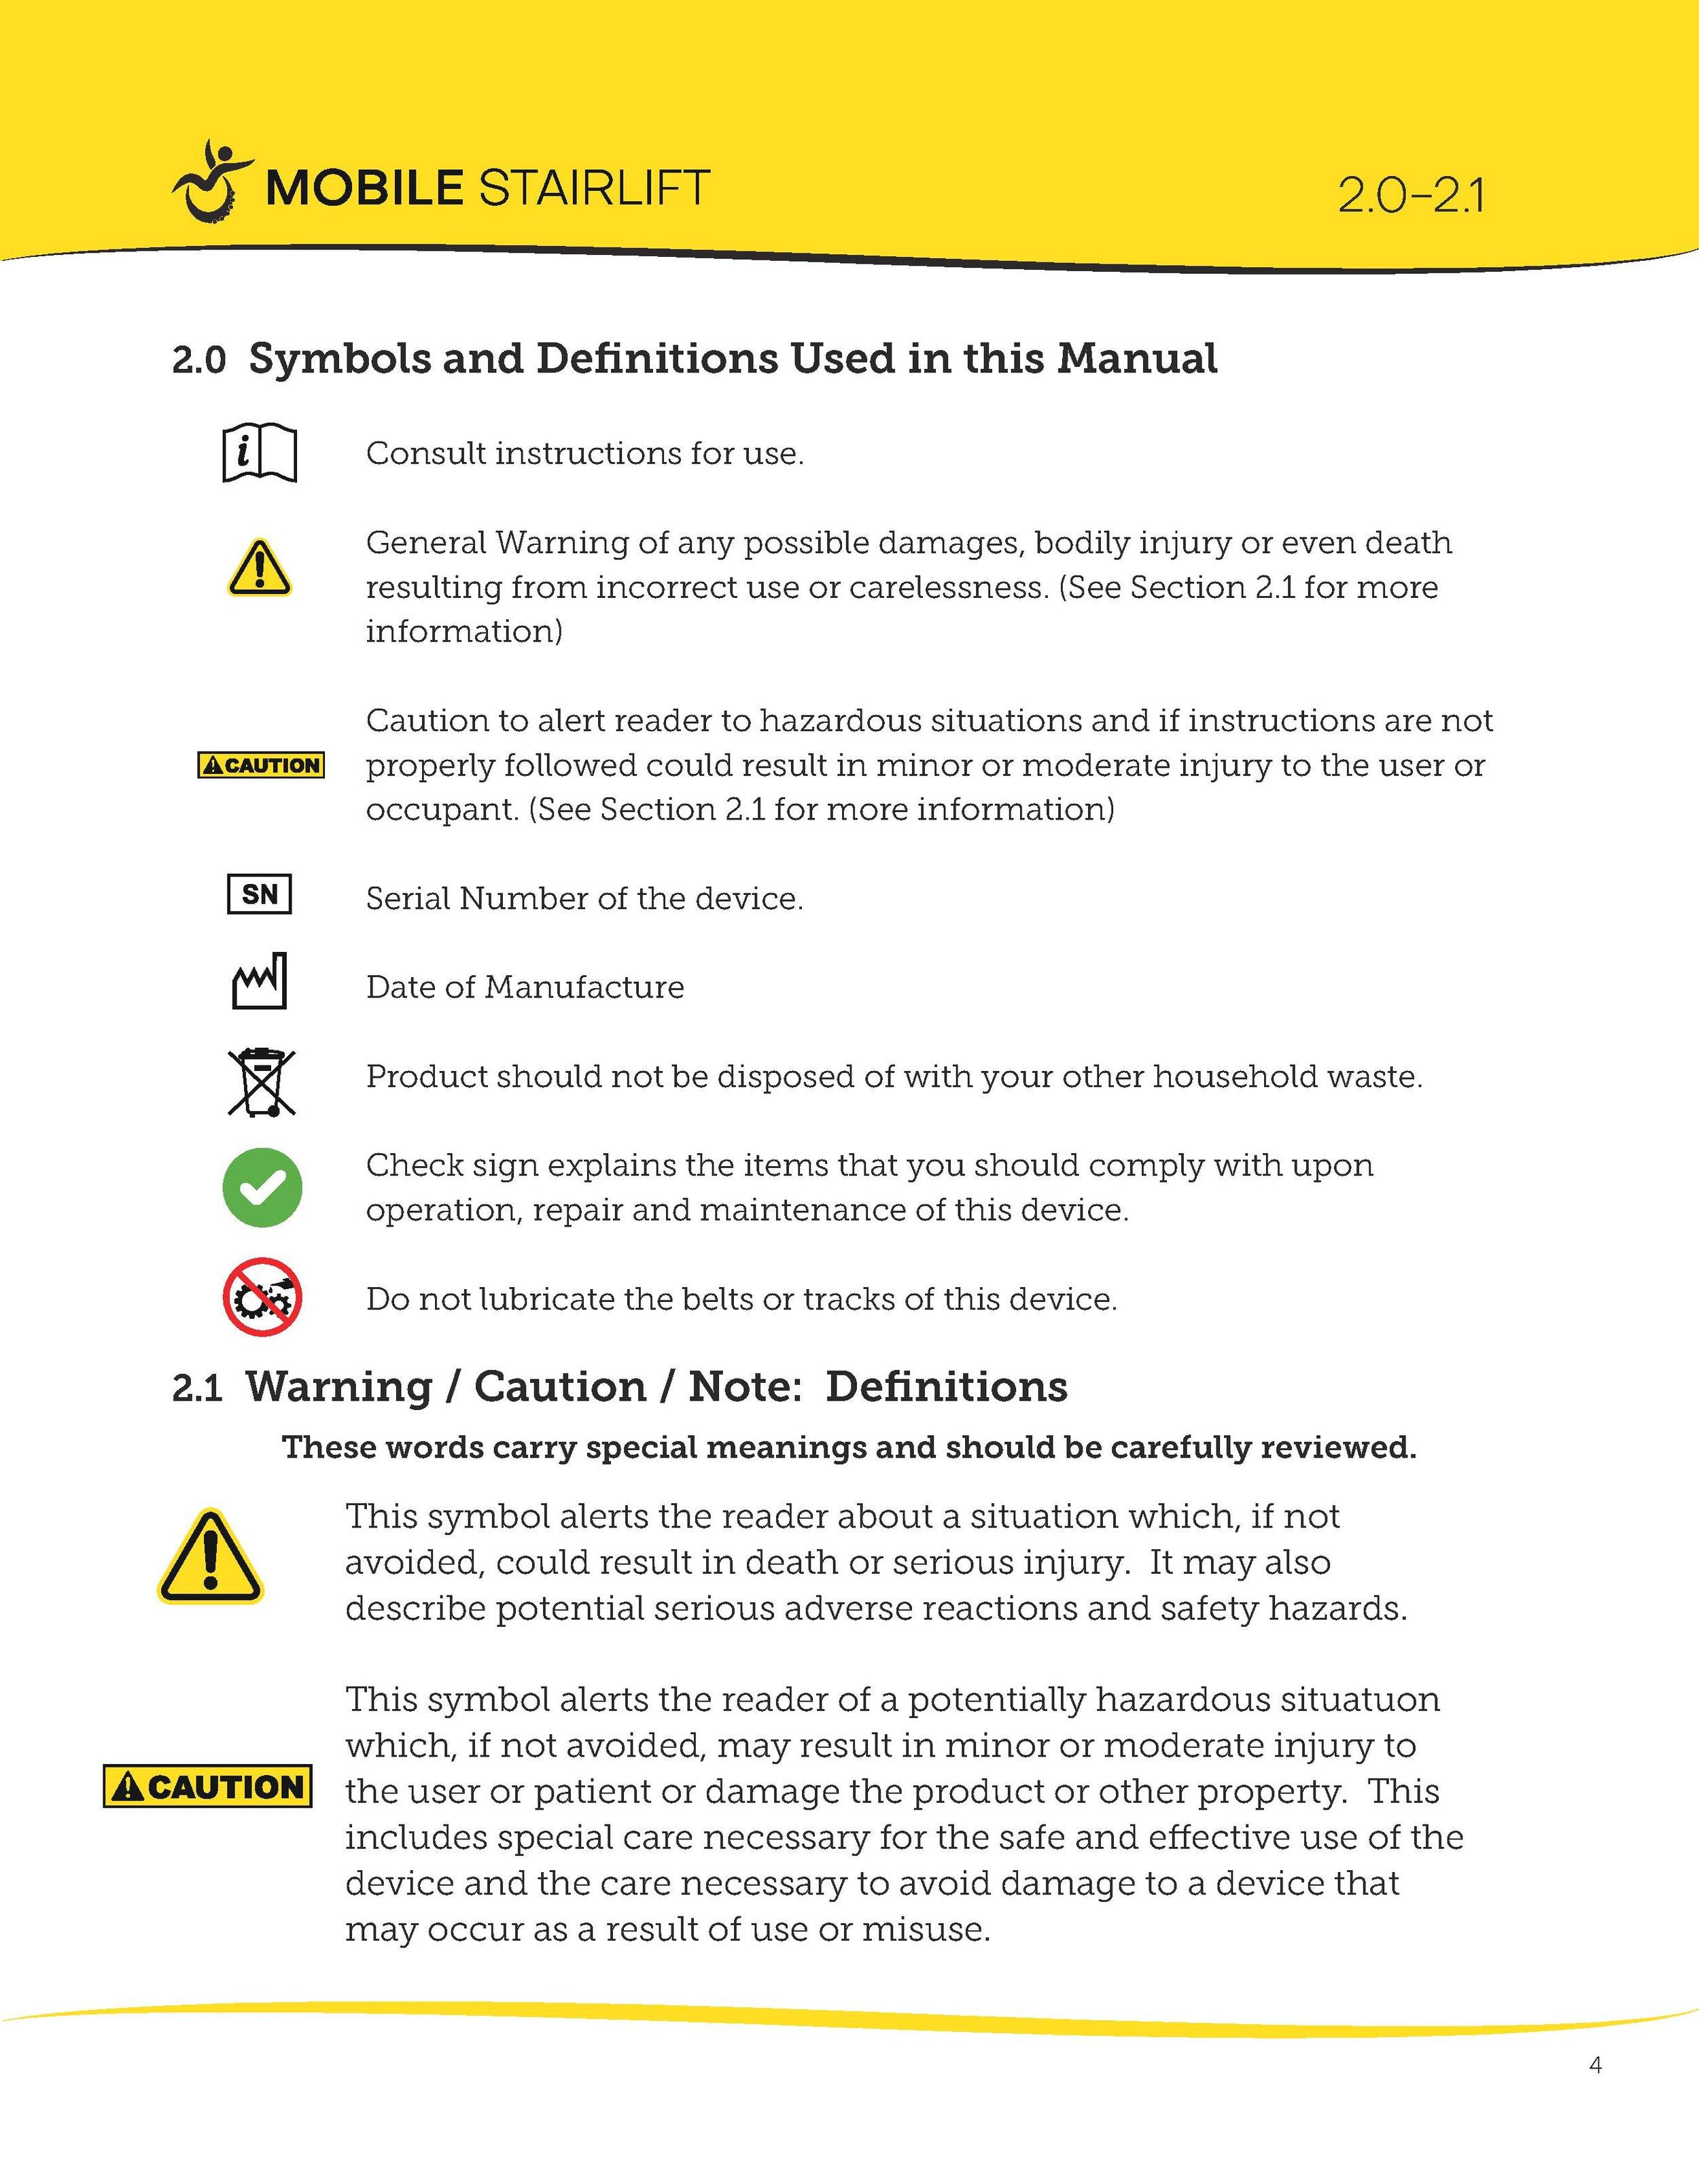 Mobile Stairlift Instruction Manual-5.jpg